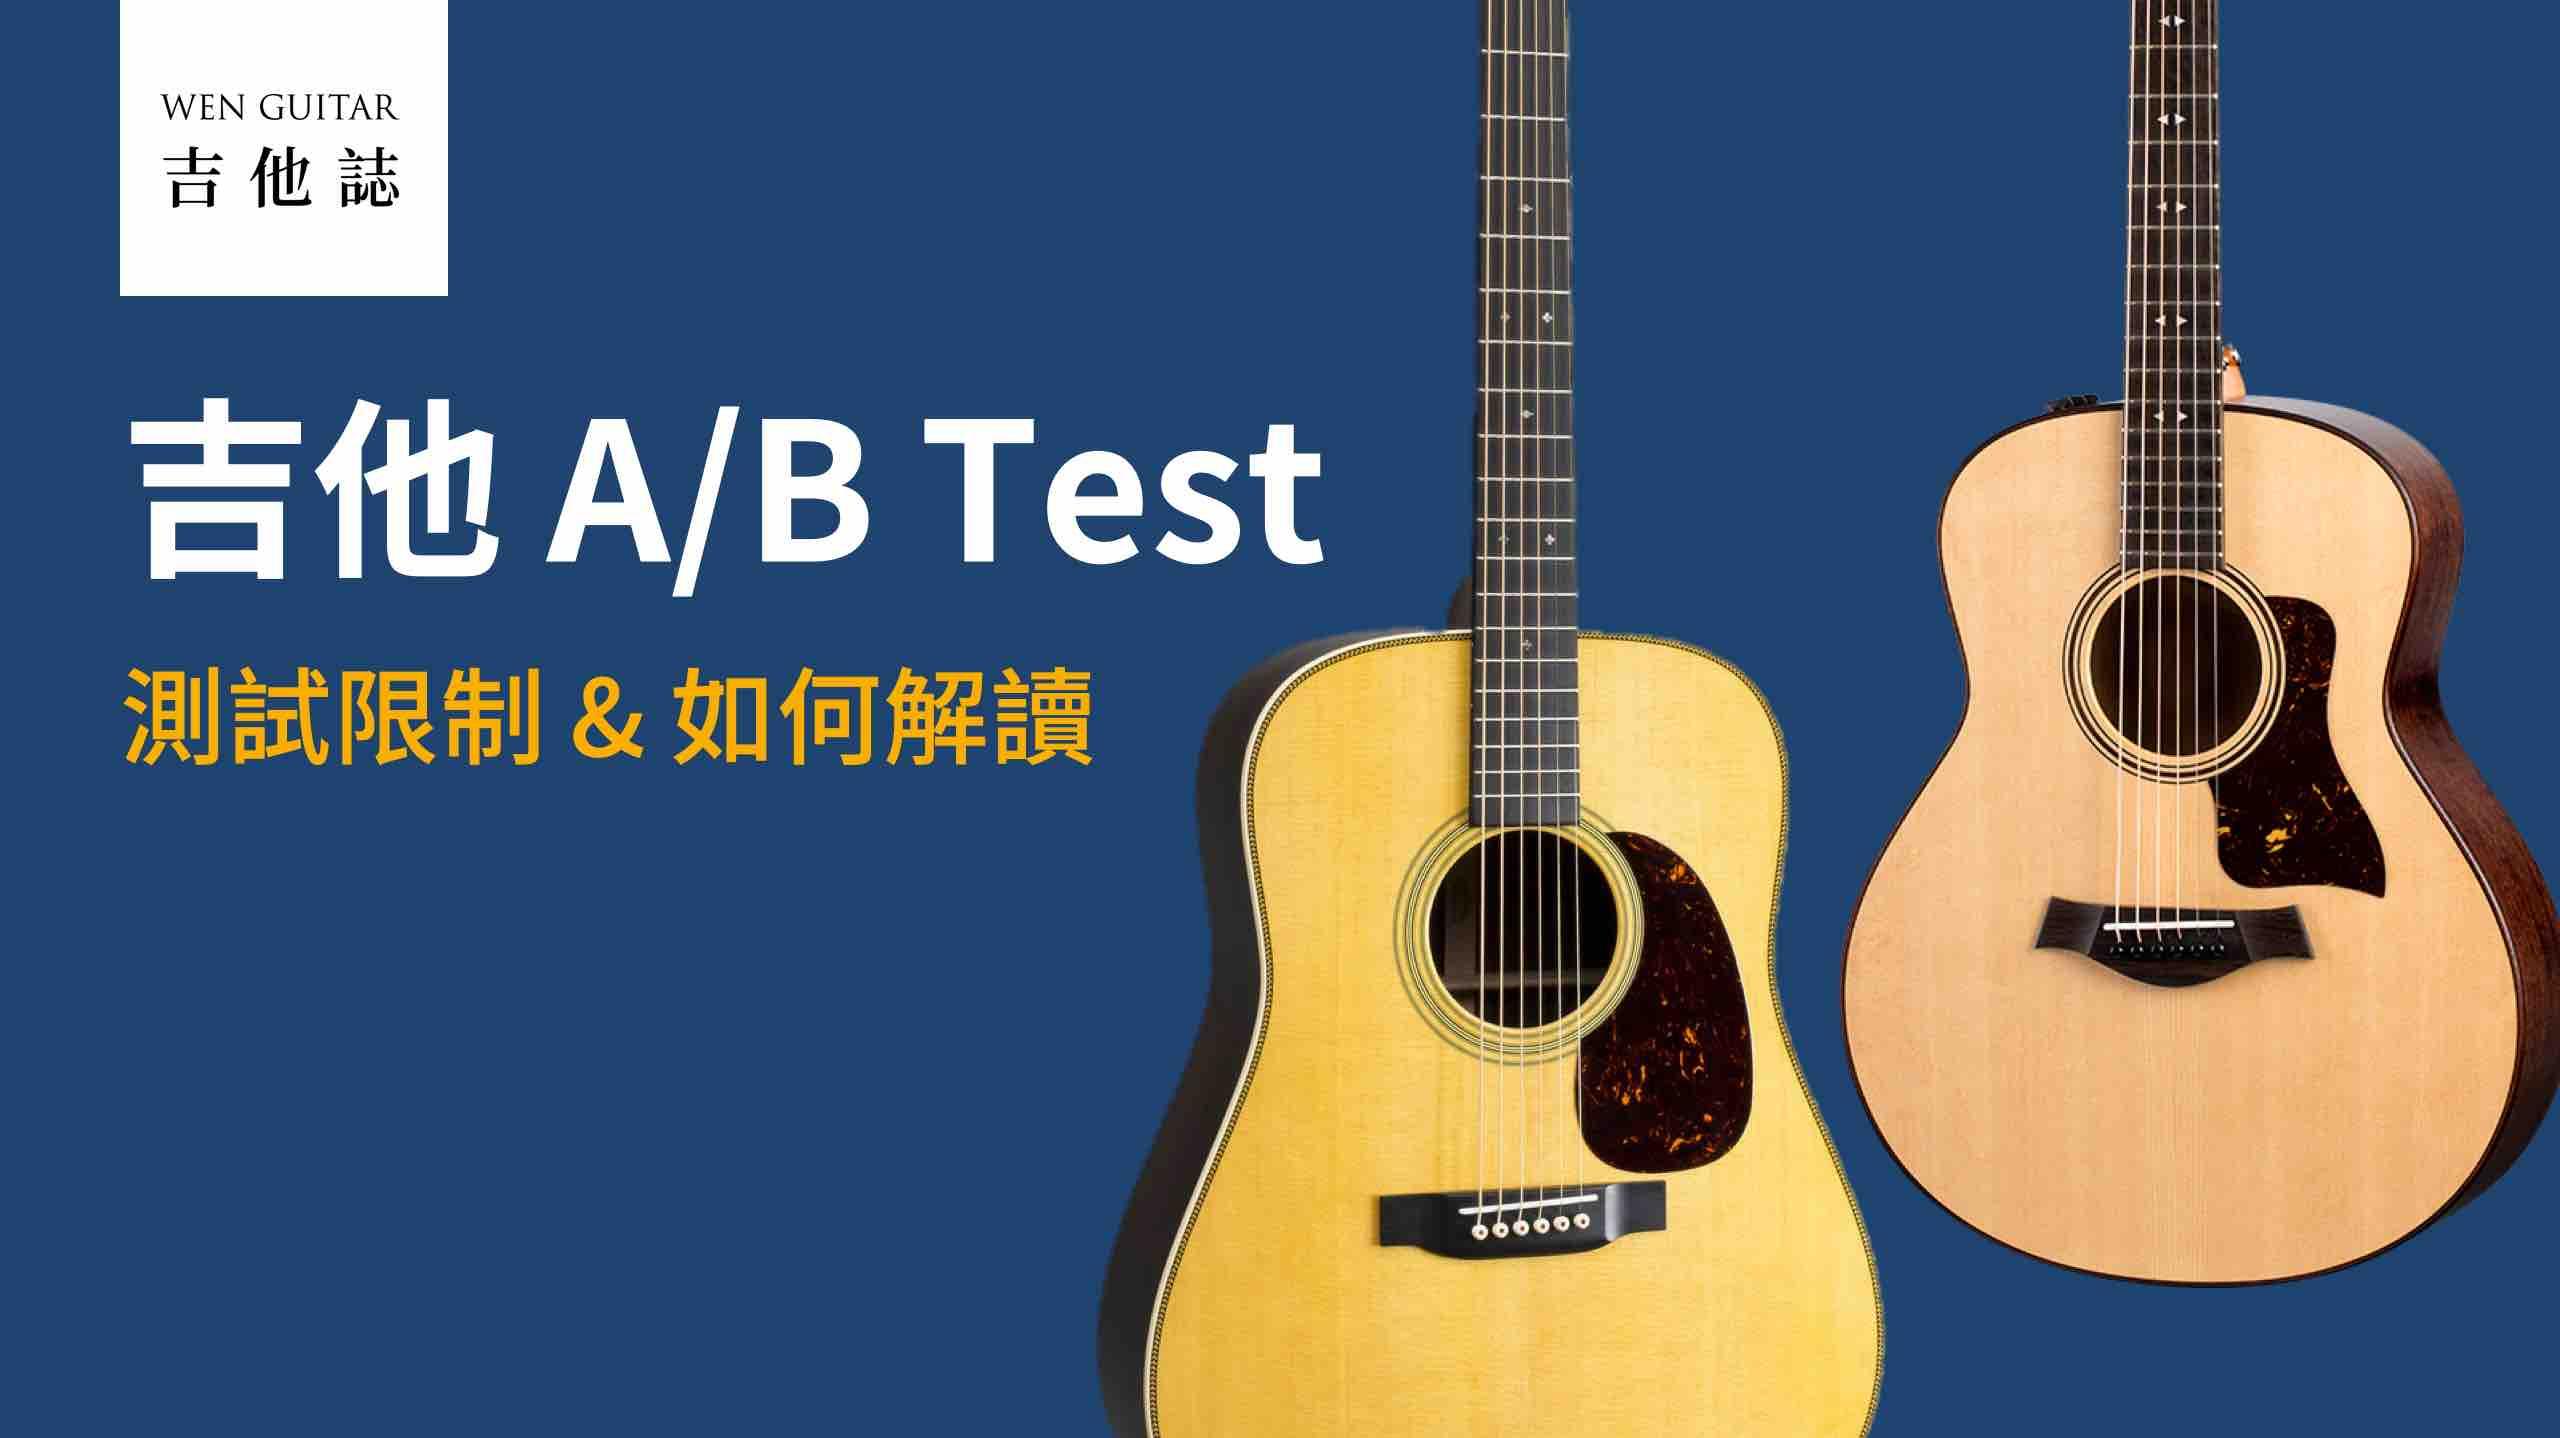 吉他測試 吉他挑選 吉他品牌介紹